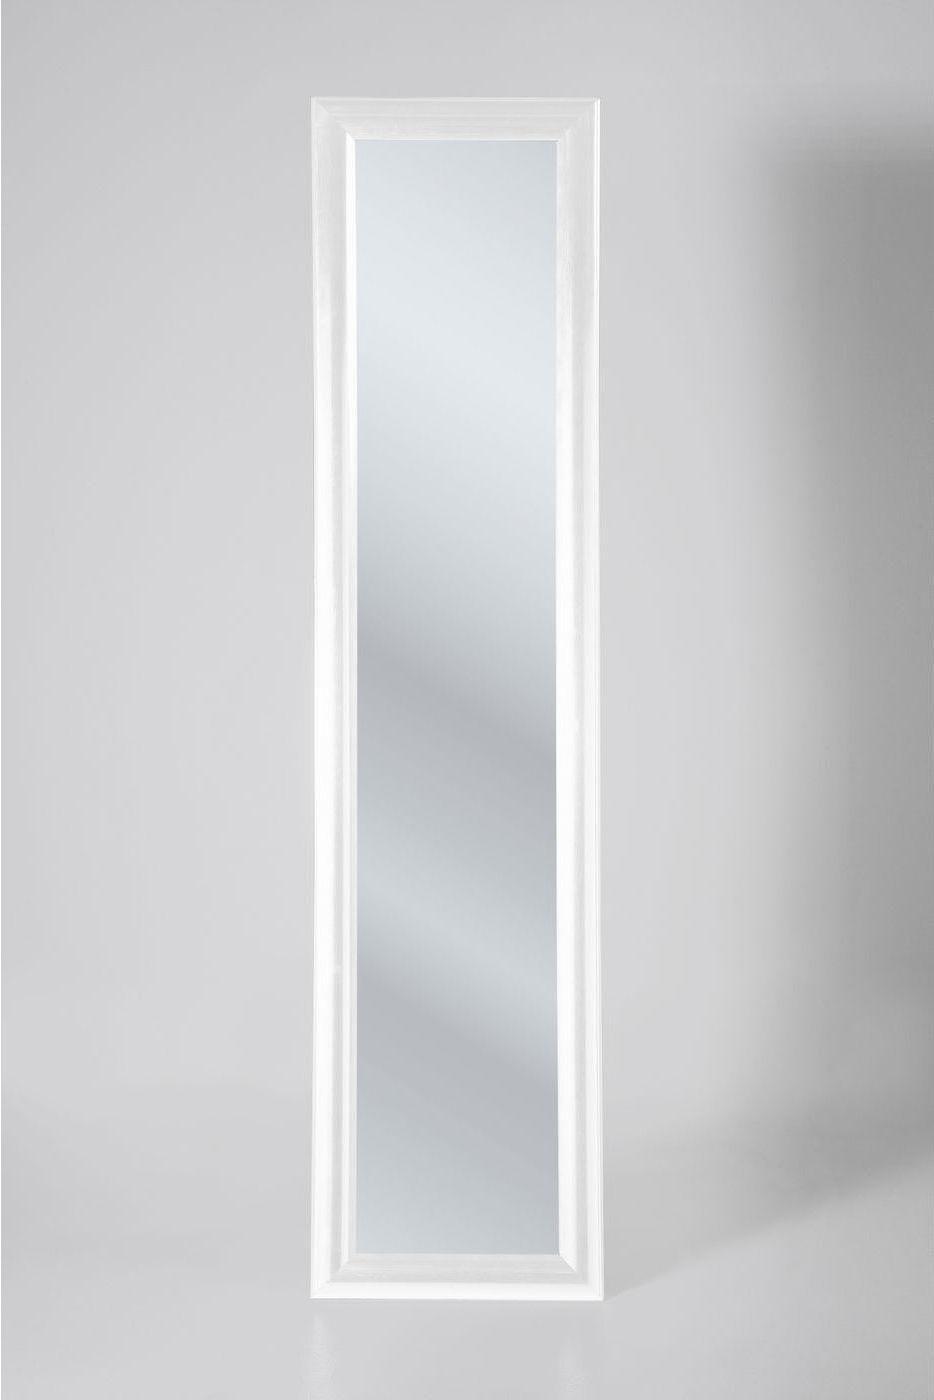 kare design staande spiegel modern living 170cm wit meubelen verlichting. Black Bedroom Furniture Sets. Home Design Ideas